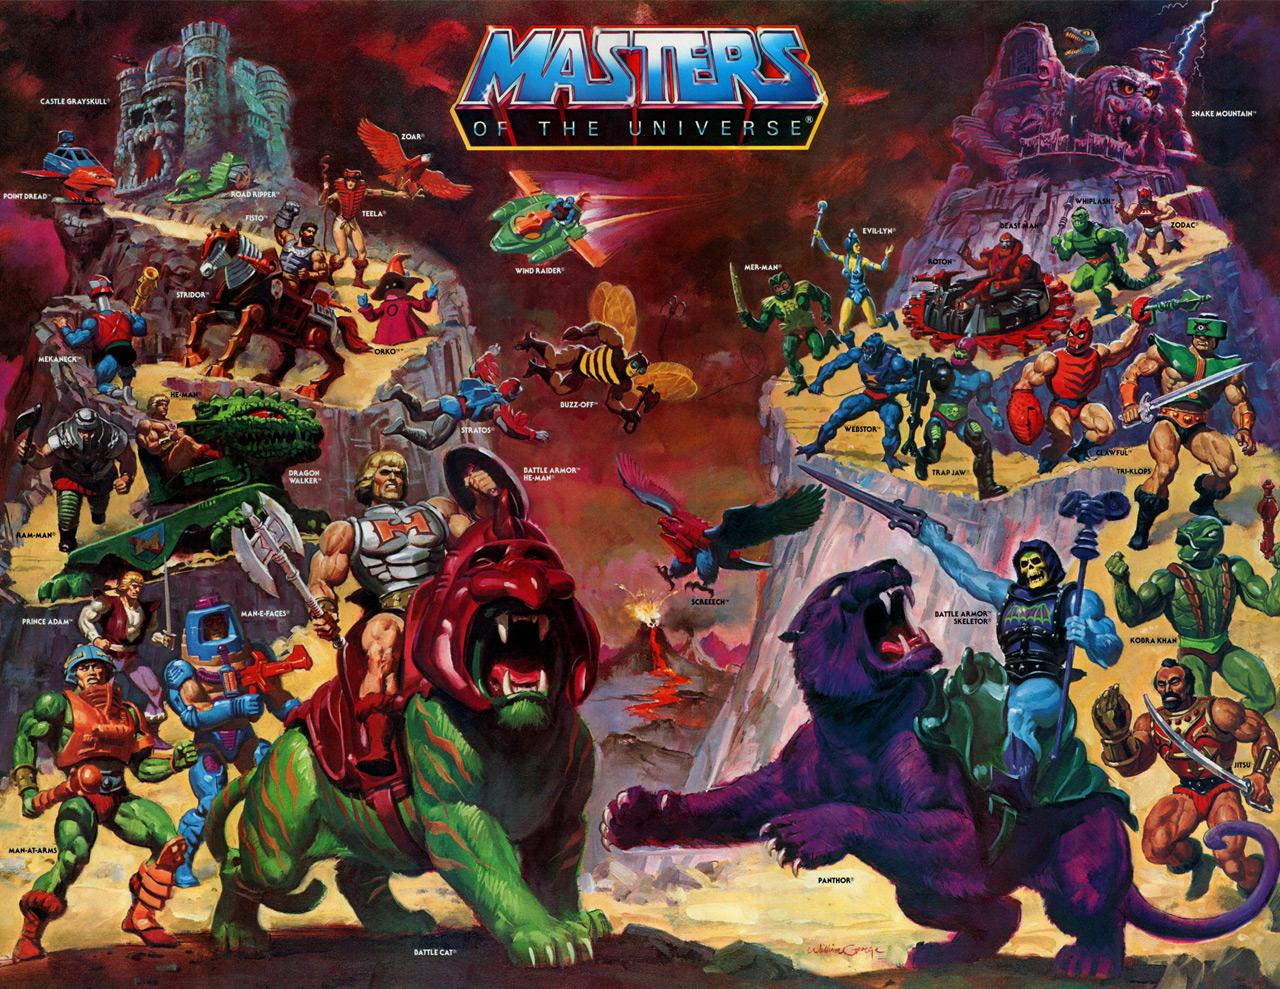 Se ha rumorado que Masters of Universe fue inspirada en Conan the Barbarian. Imagen: Archivo.